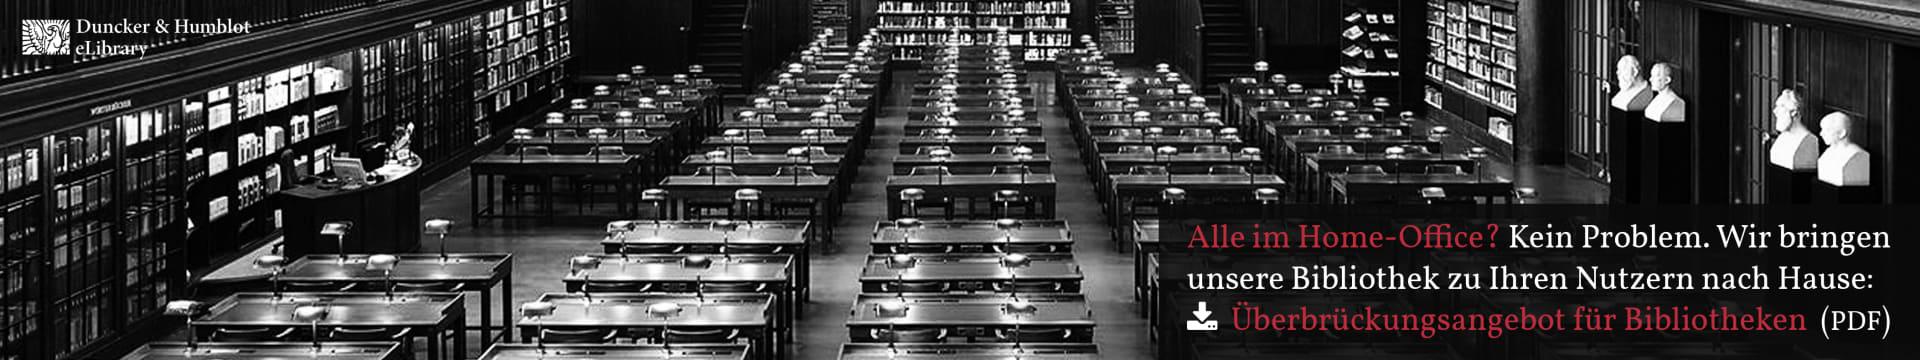 Das D&H-Überbrückungsangebot für Bibliotheken